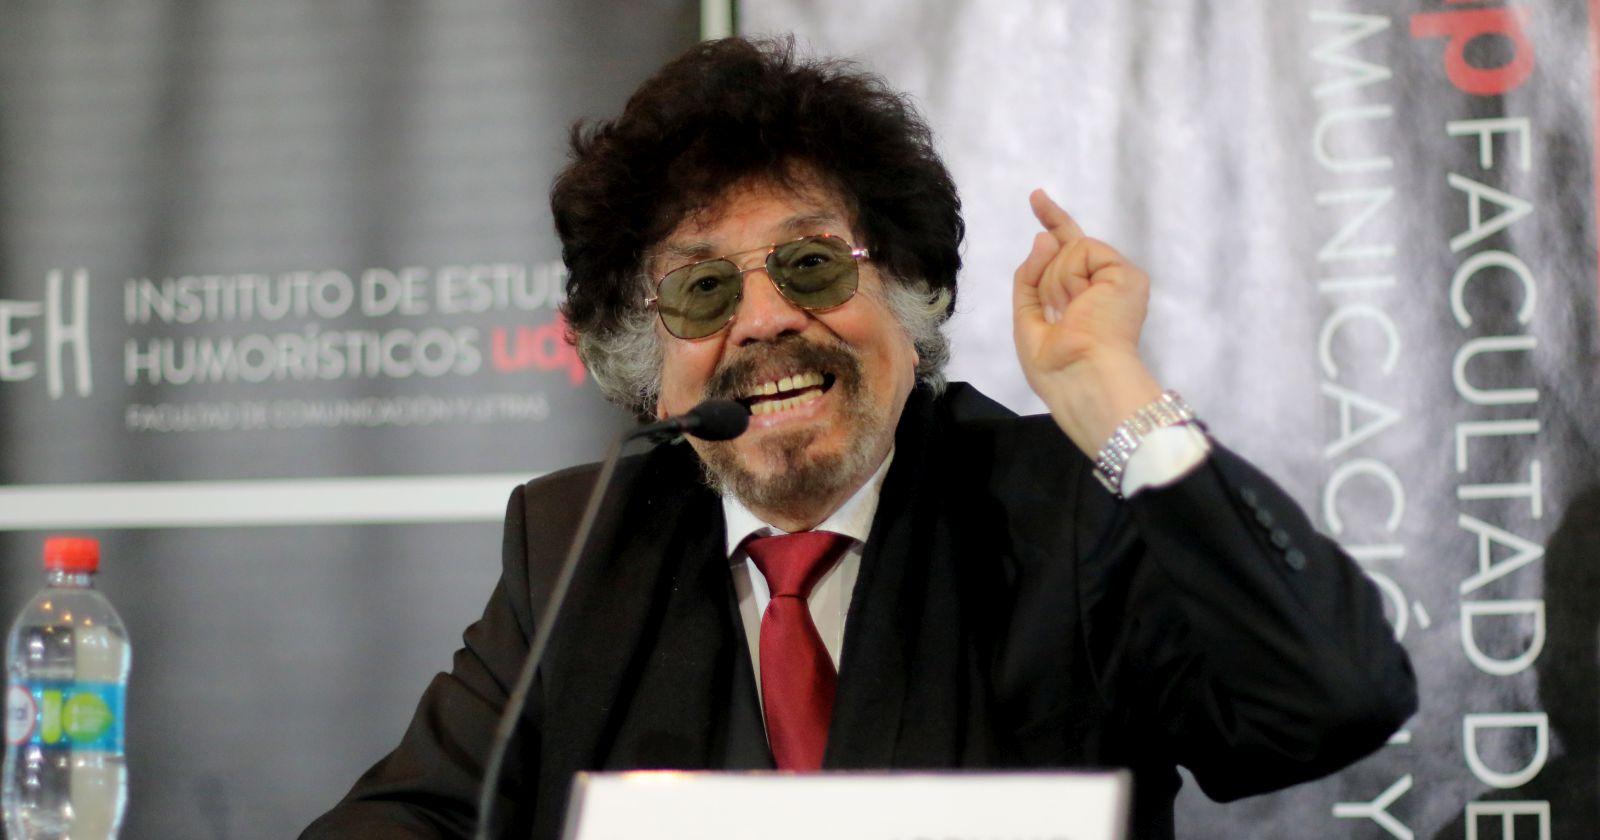 Compadre Moncho por postulación de Tía Pikachú y Adriana Barrientos: